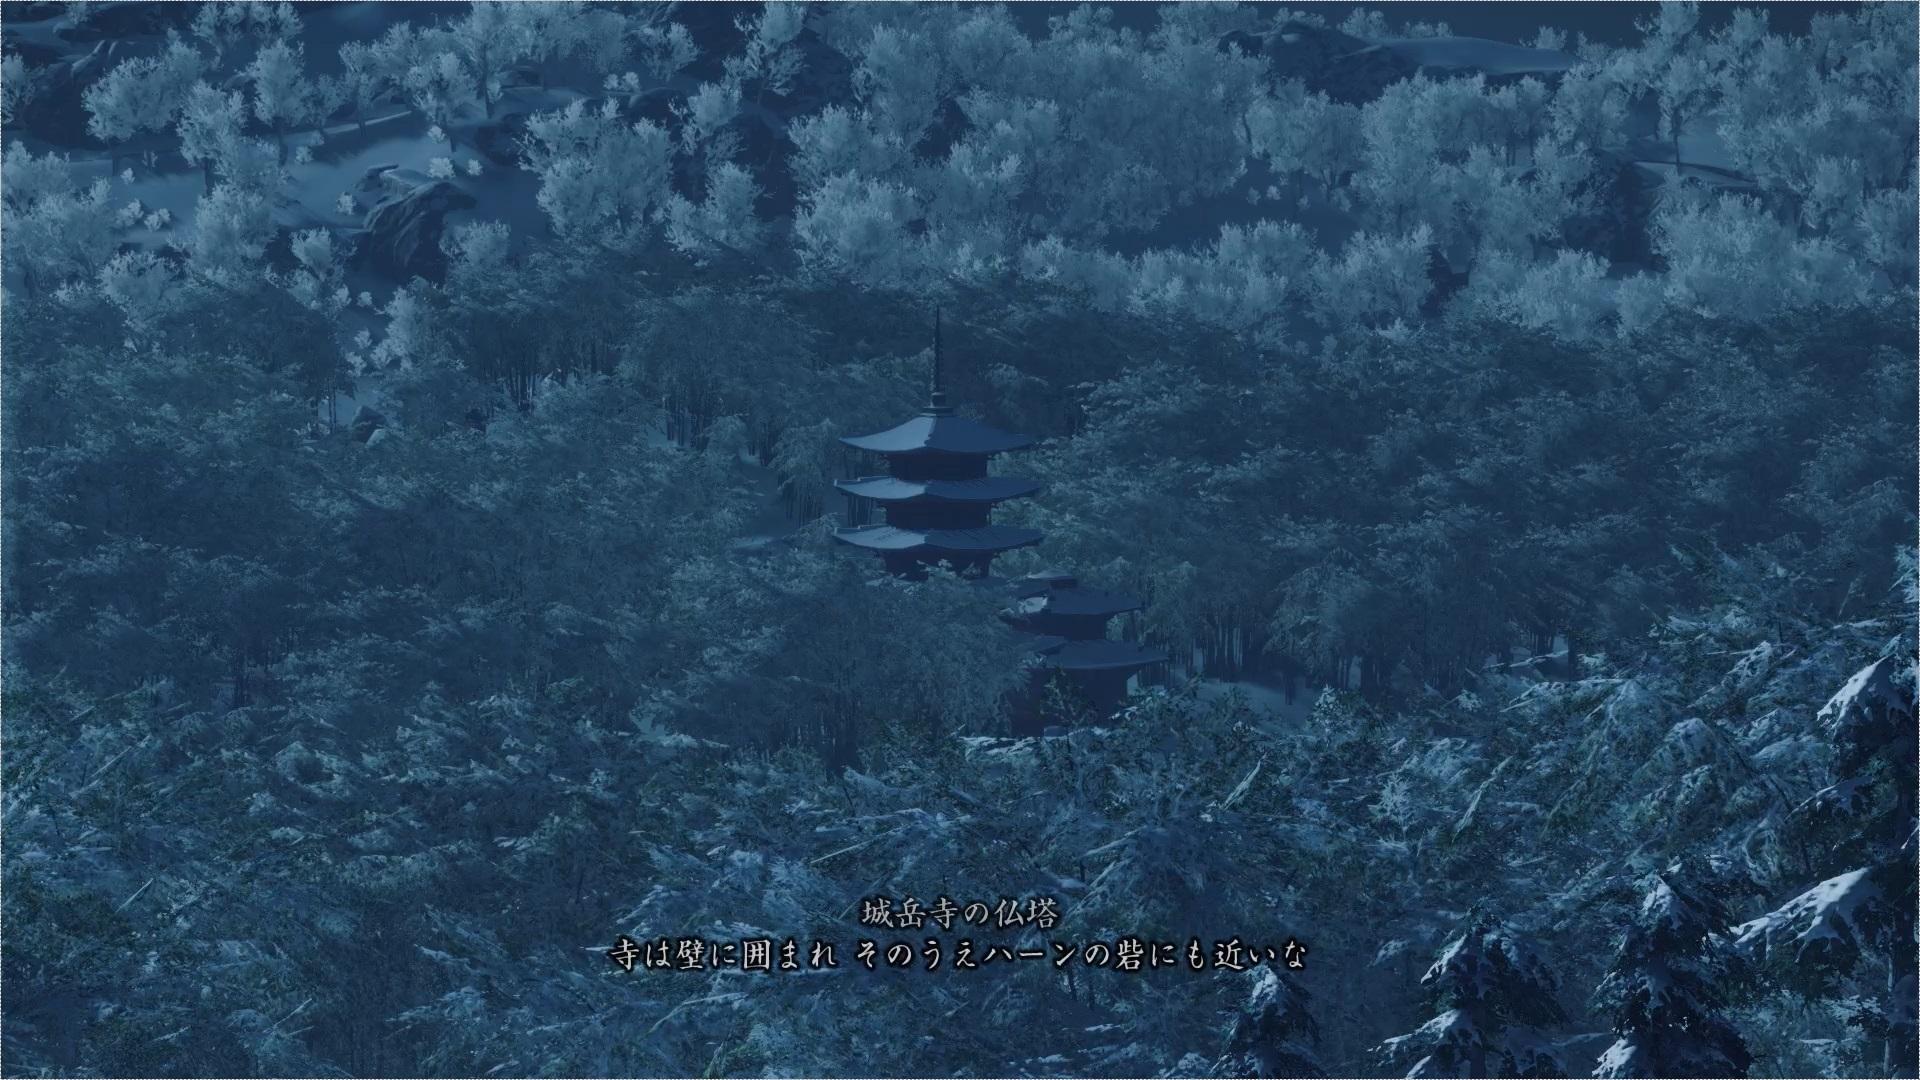 城岳寺は壁に囲まれ、ハーンの砦に近いため、良い野営地になると判断。蒙古兵を一掃することにします。